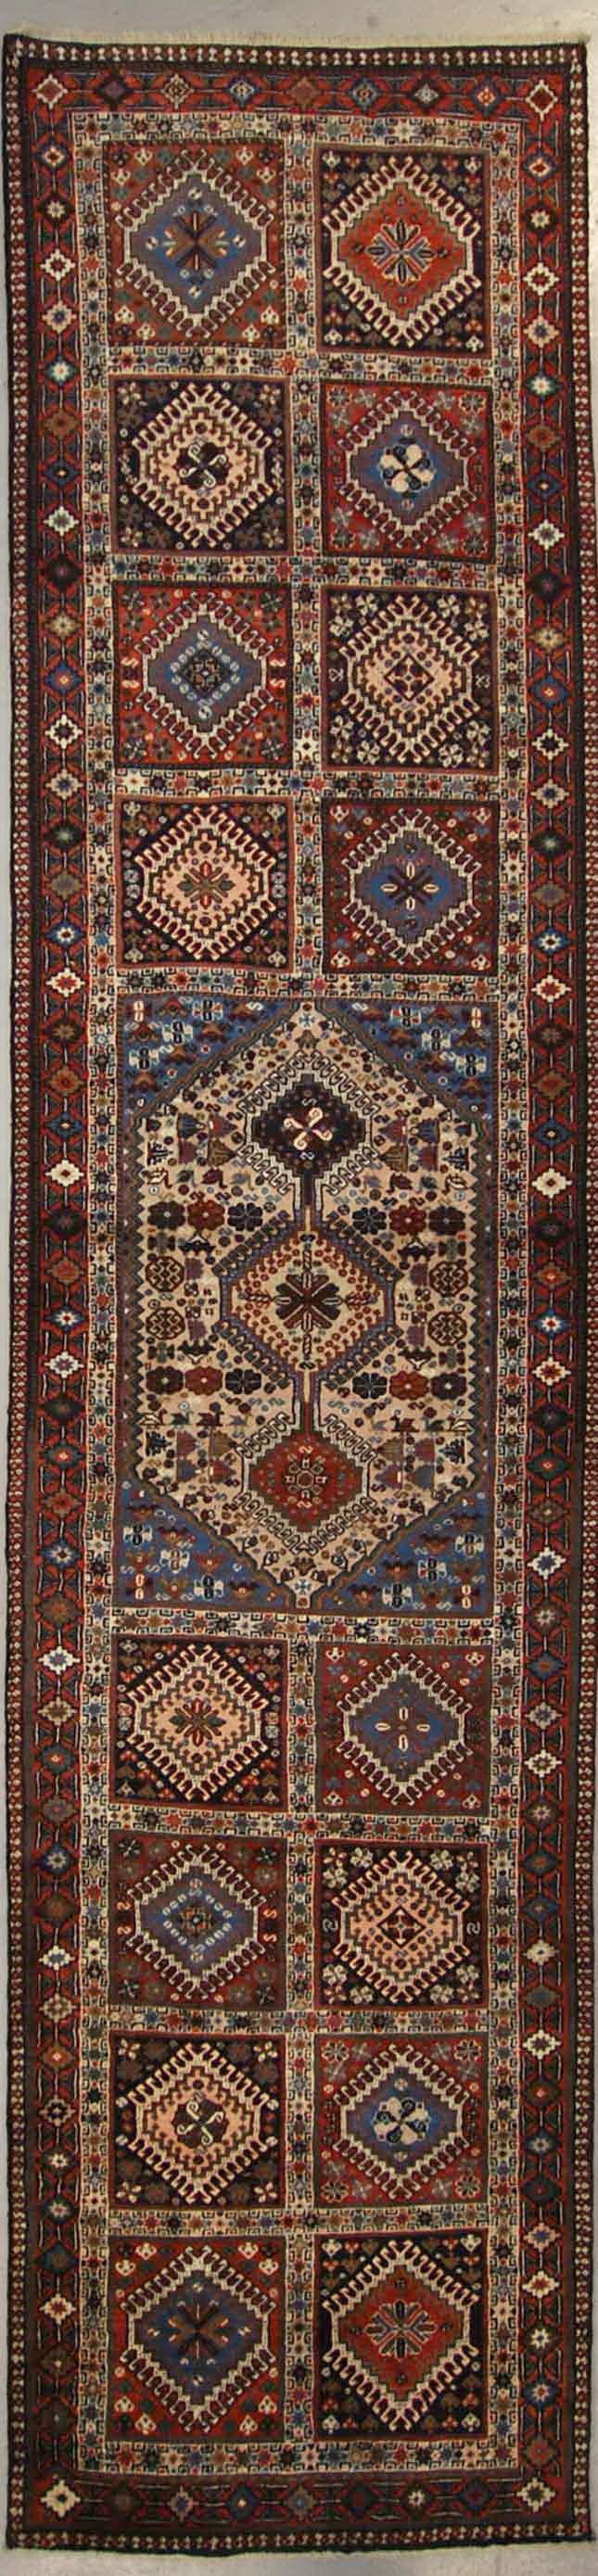 Persian Yalameh